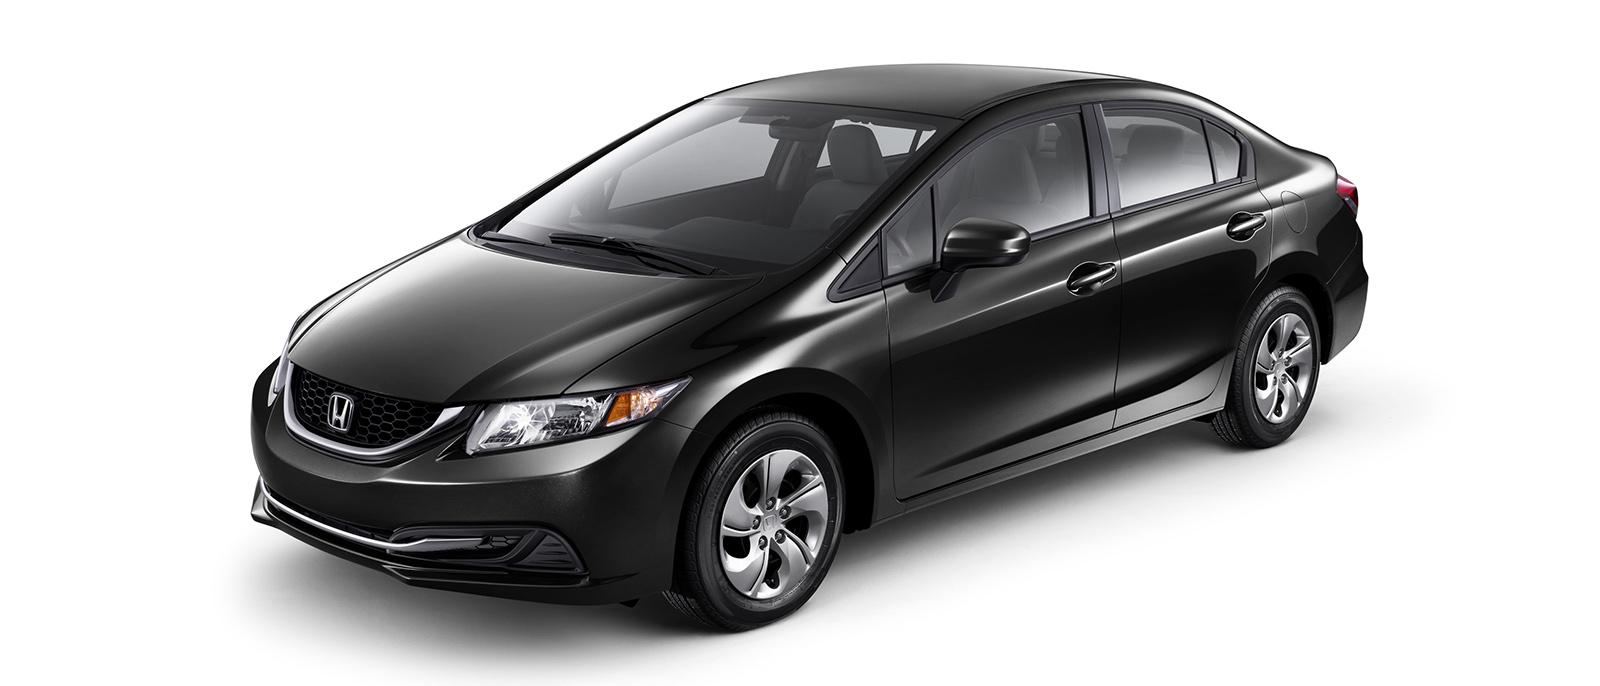 Honda Awd Sedan >> 2014 Honda Civic | New England Honda Dealers Association